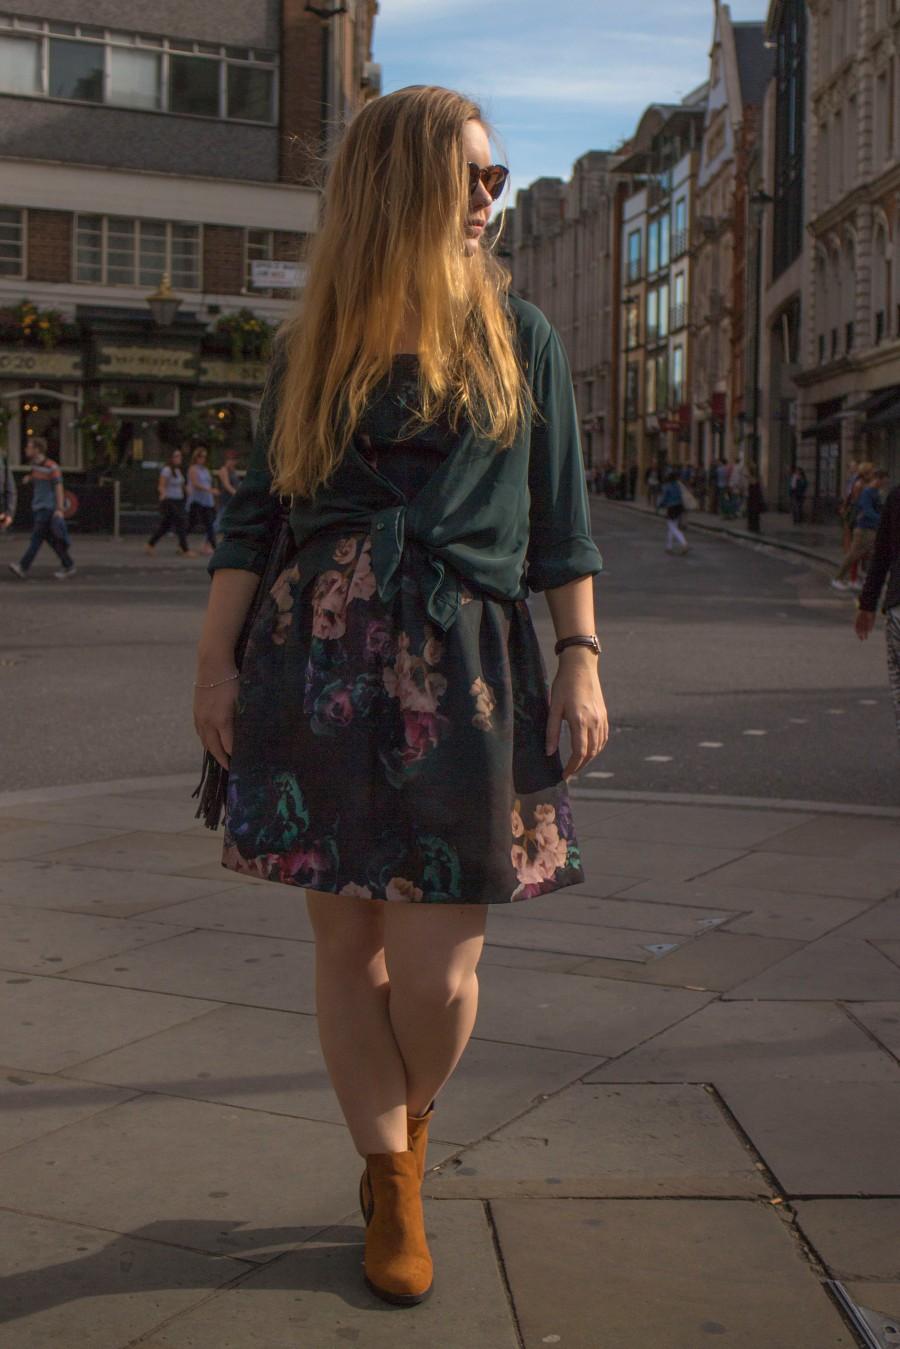 london2016_52